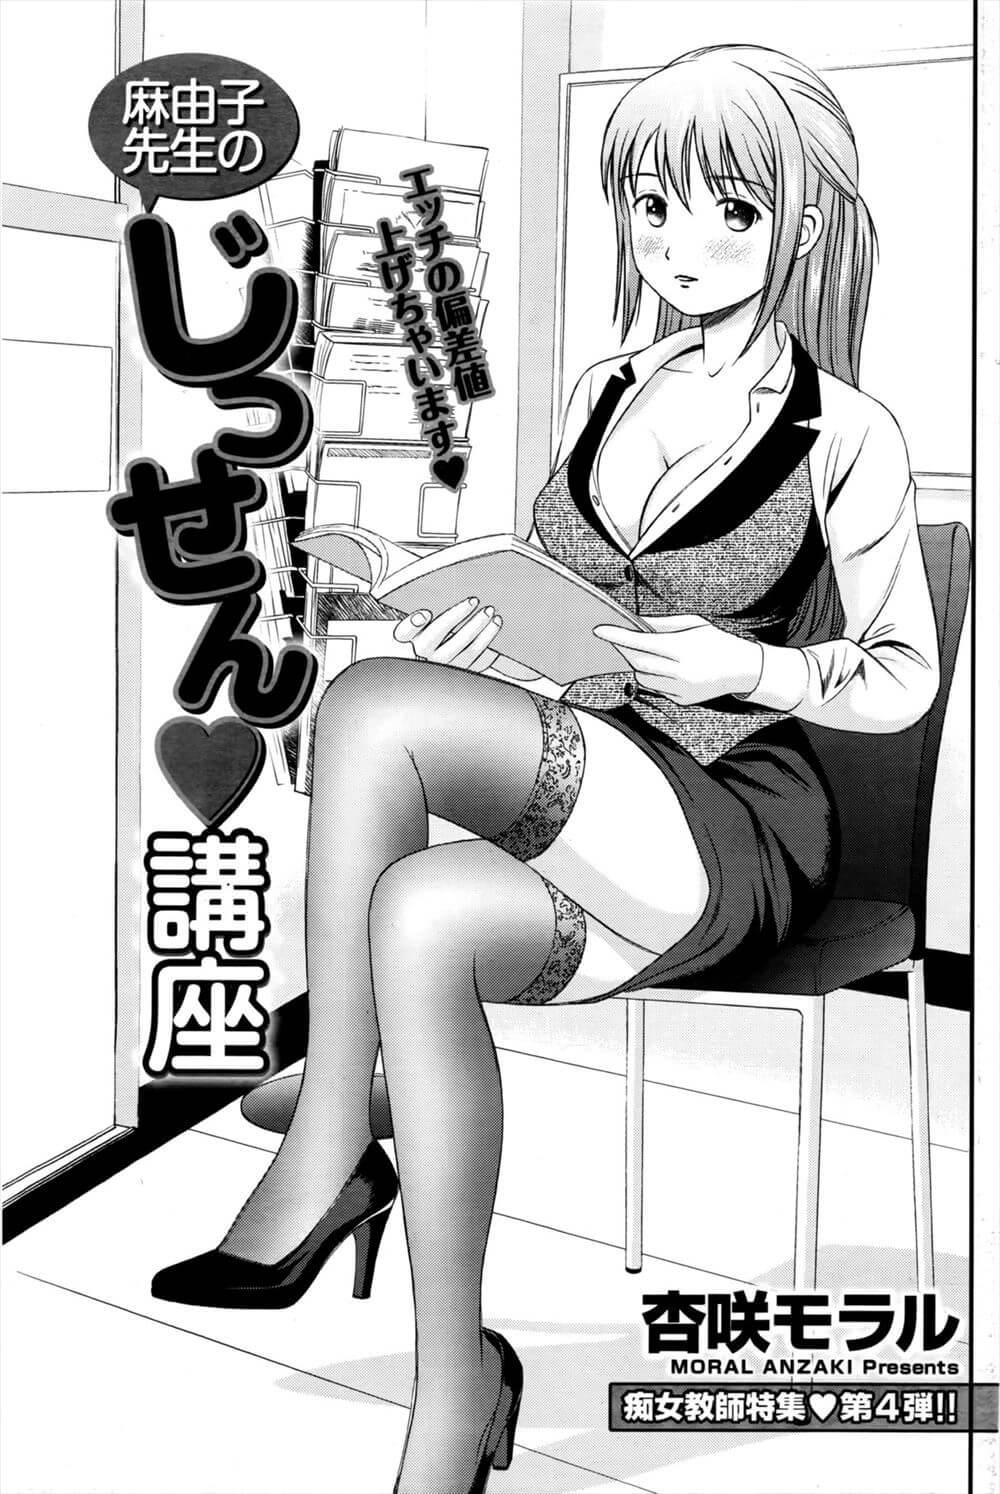 【エロ漫画】ファミレスのウェイトレスの制服を用意して梨香はゆうを呼び出し見てもらい、ローションを出すと置き方が雑とスルーされる。【無料 エロ同人】